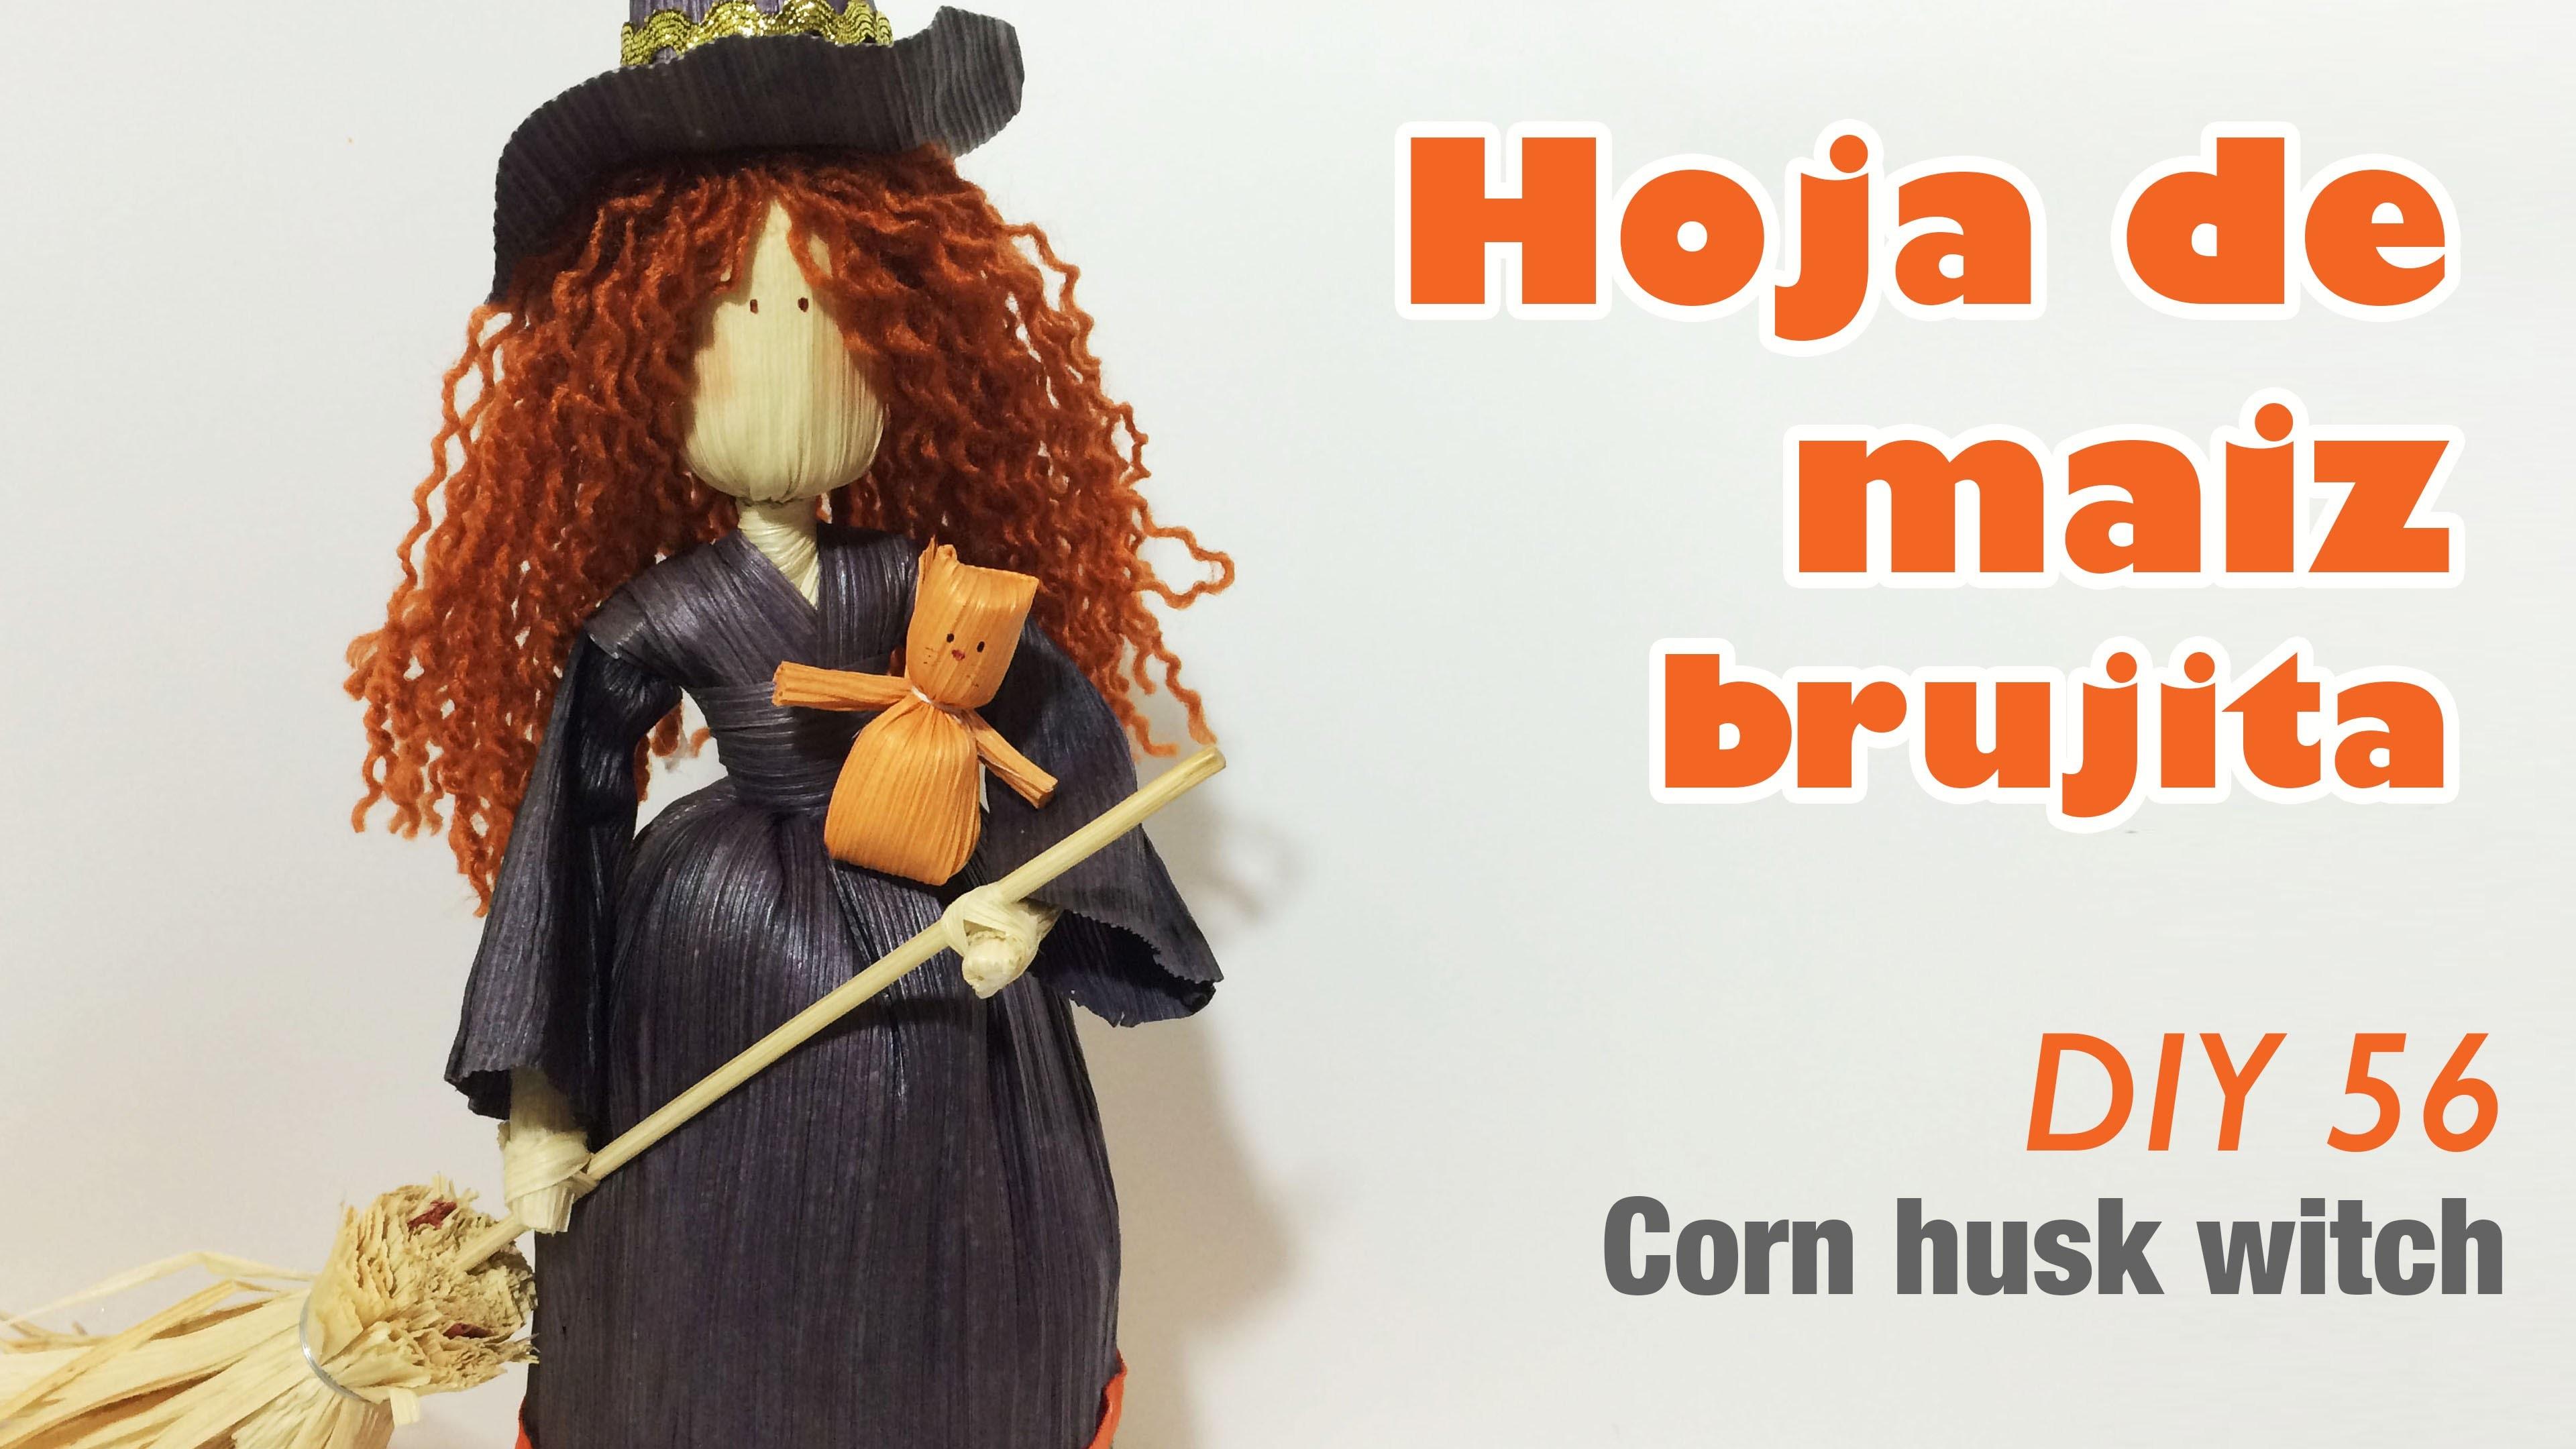 Como hacer hoja de maiz brujita 56. How to make corn husk witch